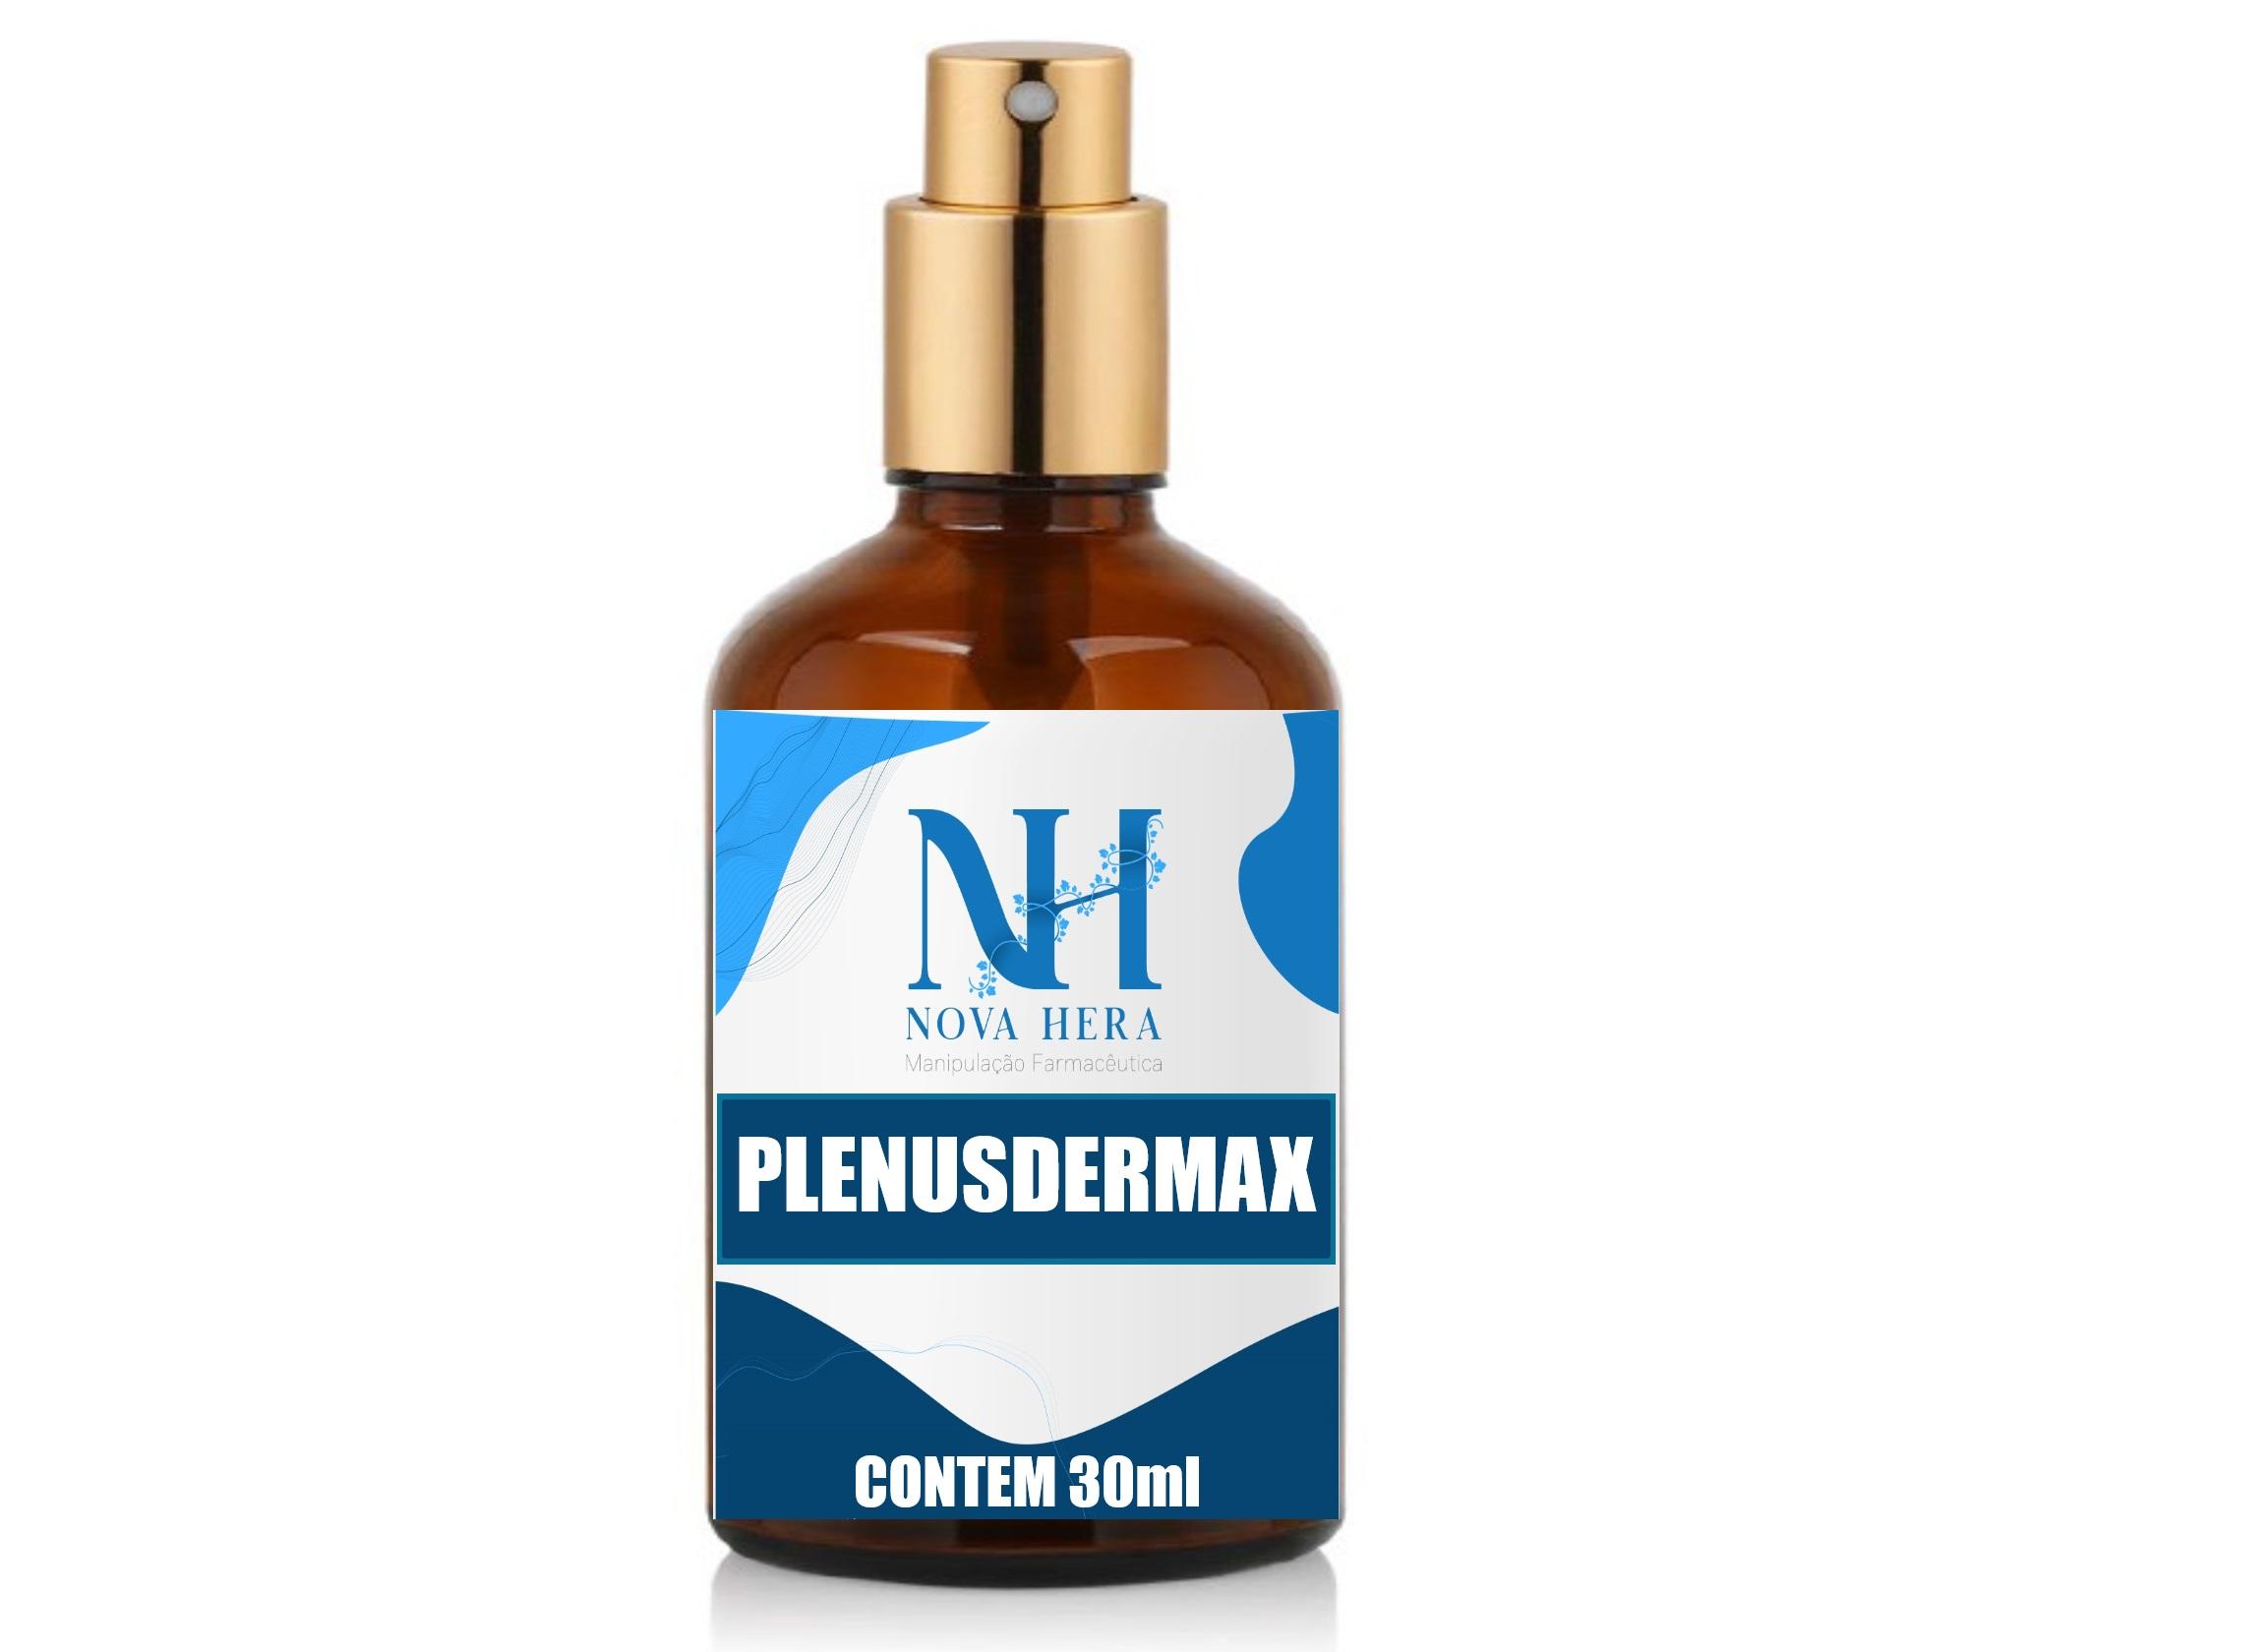 https://www.farmacianovahera.com.br/view/_upload/produto/100/1595359064plenusdermax.jpg